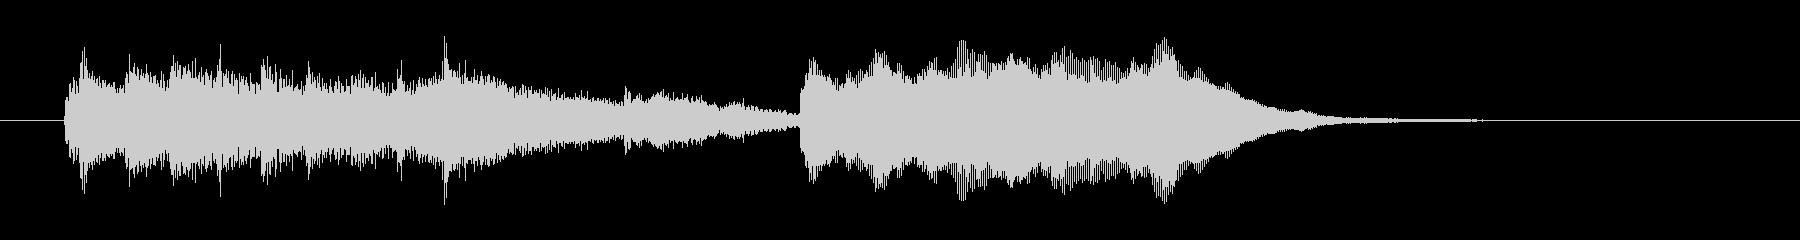 ファンシーな響きのシンセBGMの未再生の波形